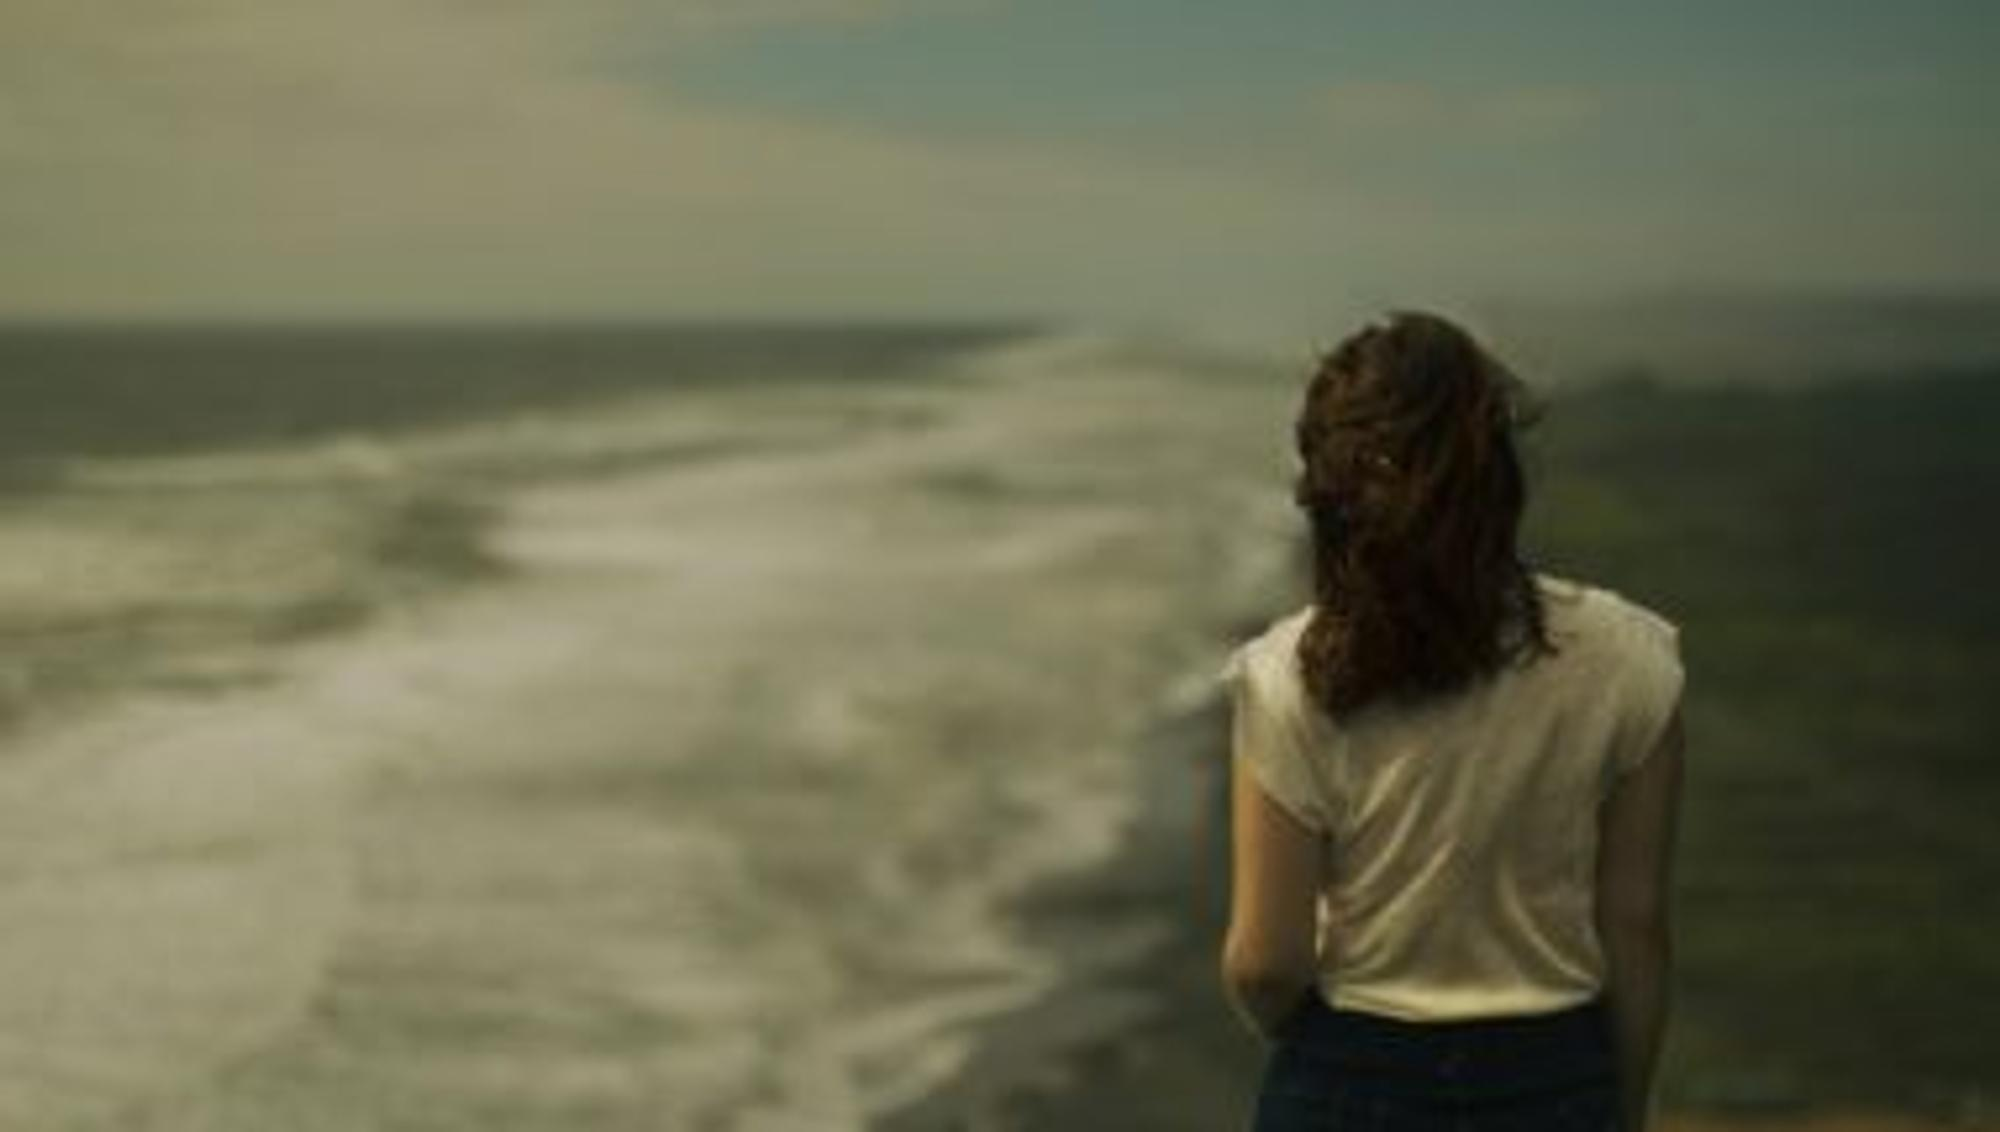 Bild: Leben nach dem Tod - Frau steht vor dem Meer